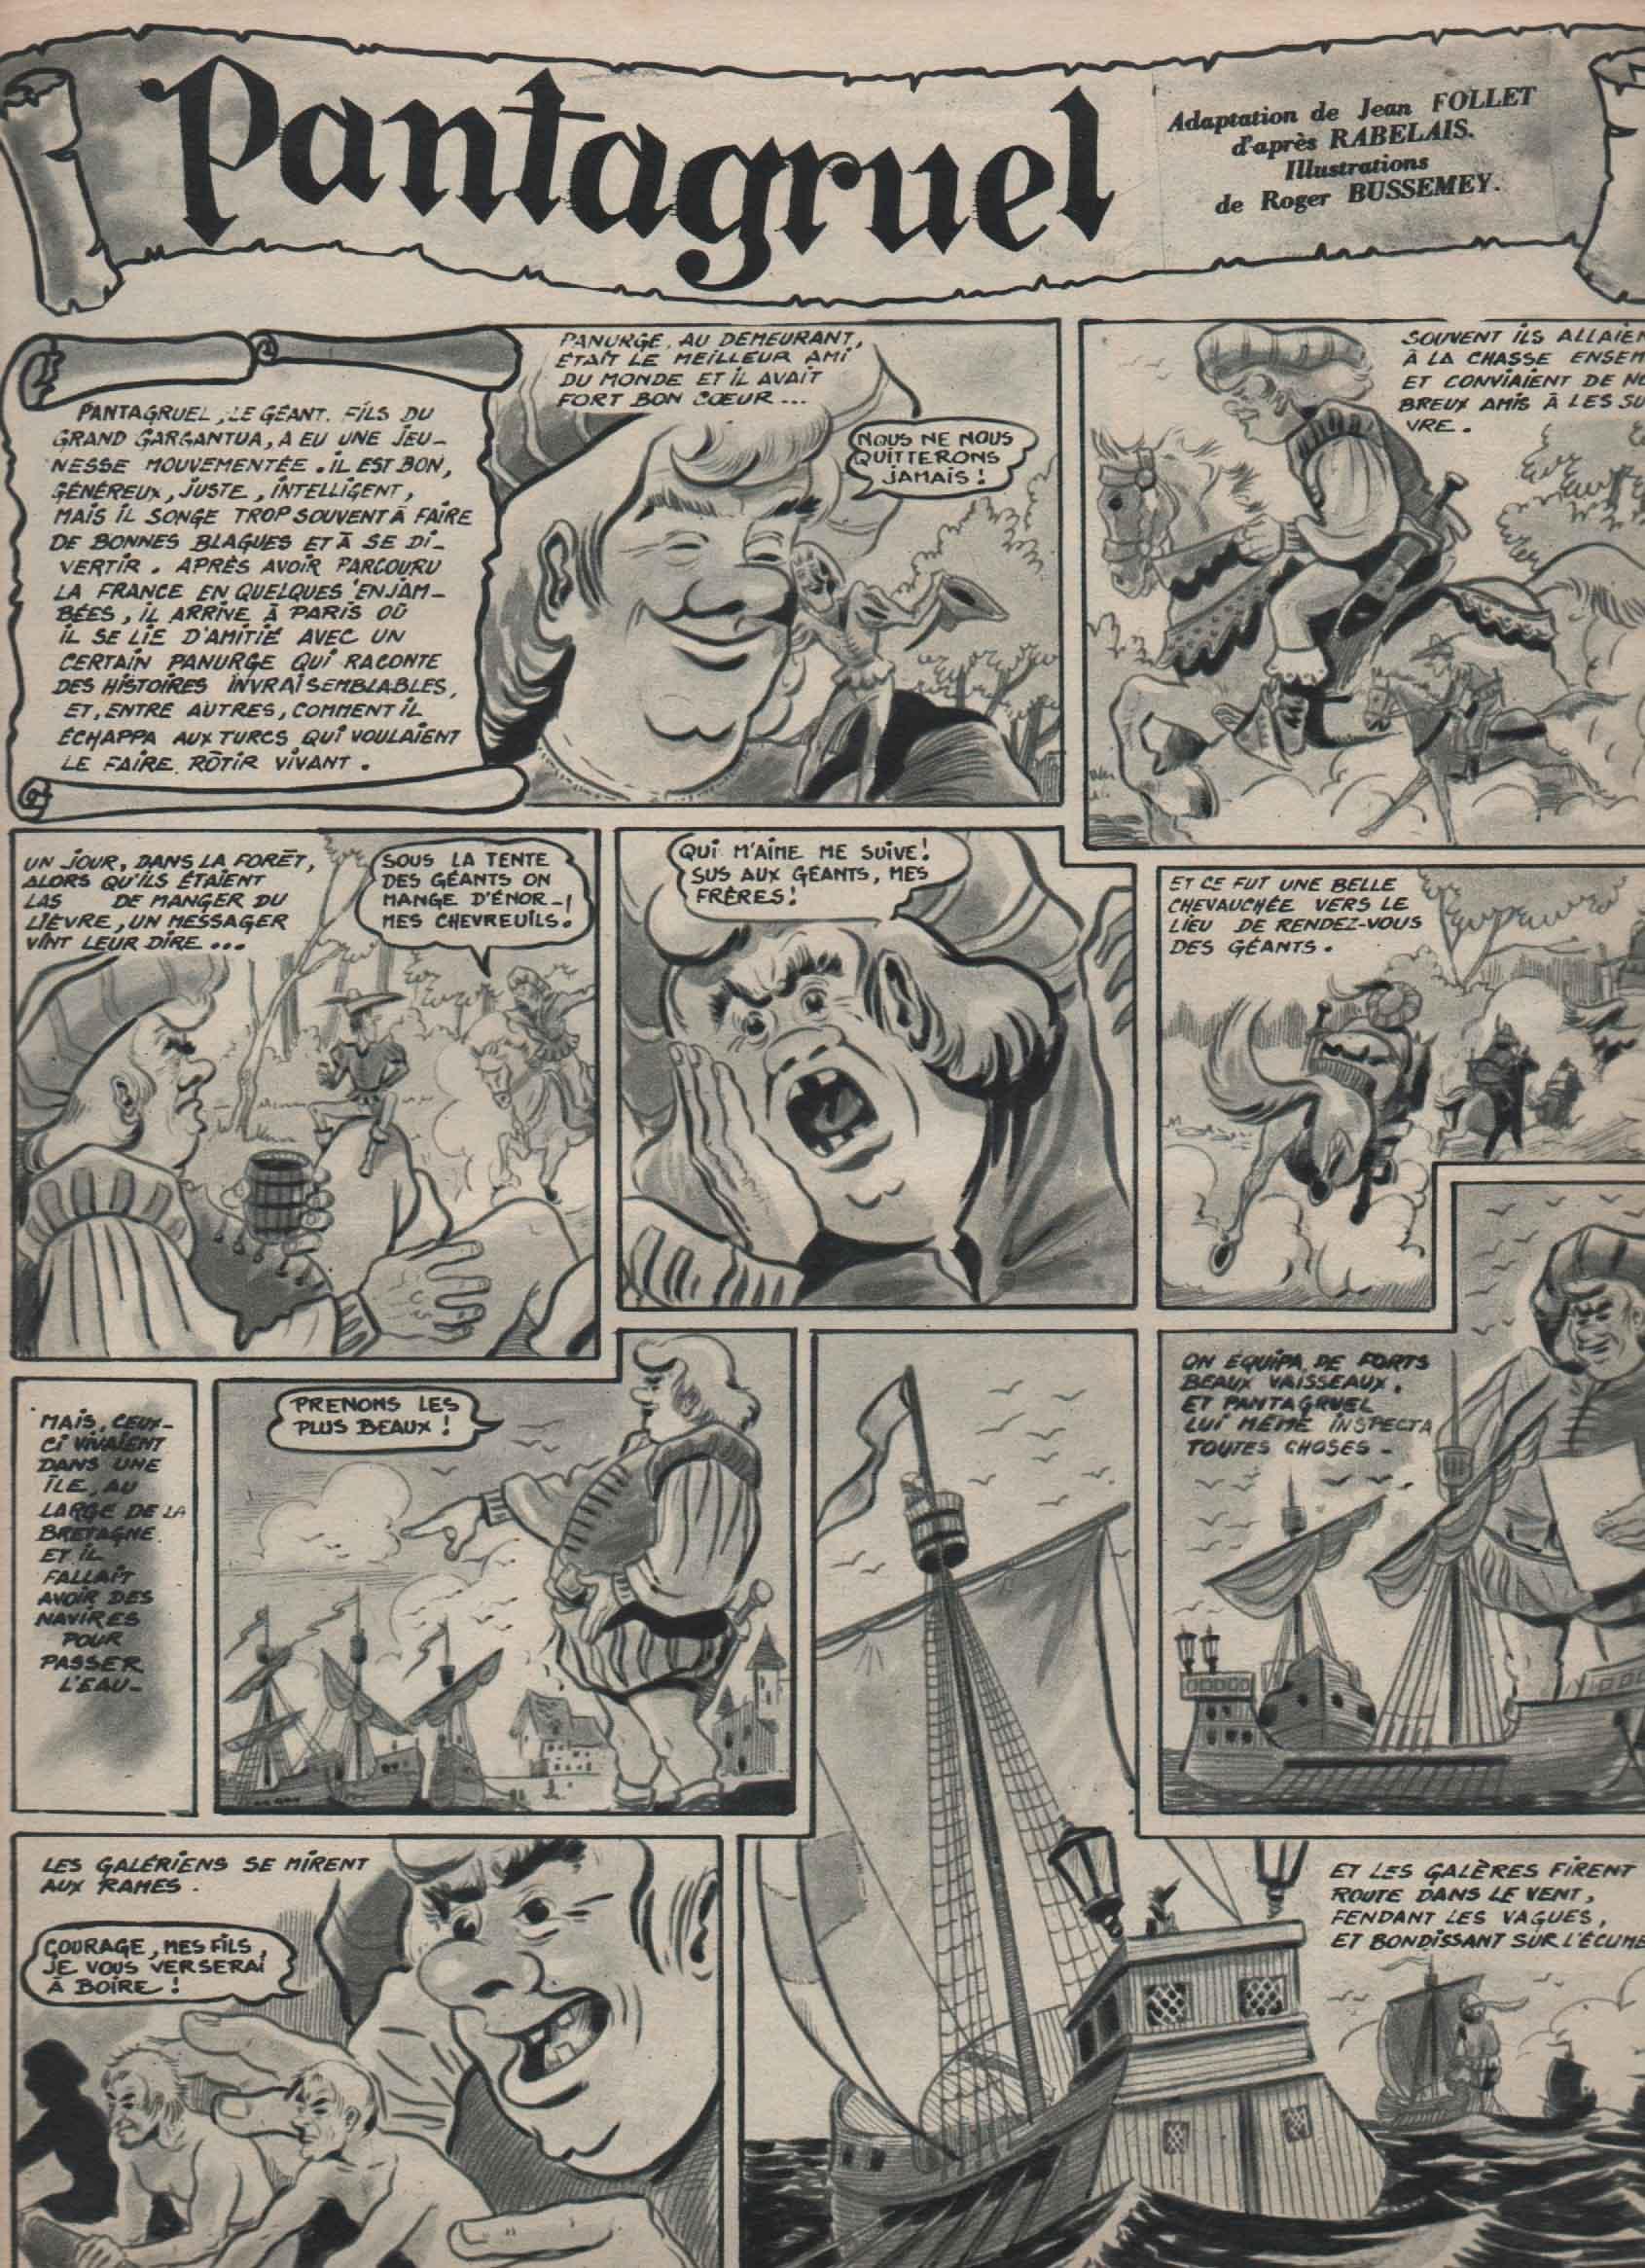 « Pantagruel » Jocko et Poustiquet n° 7 (12/1954).